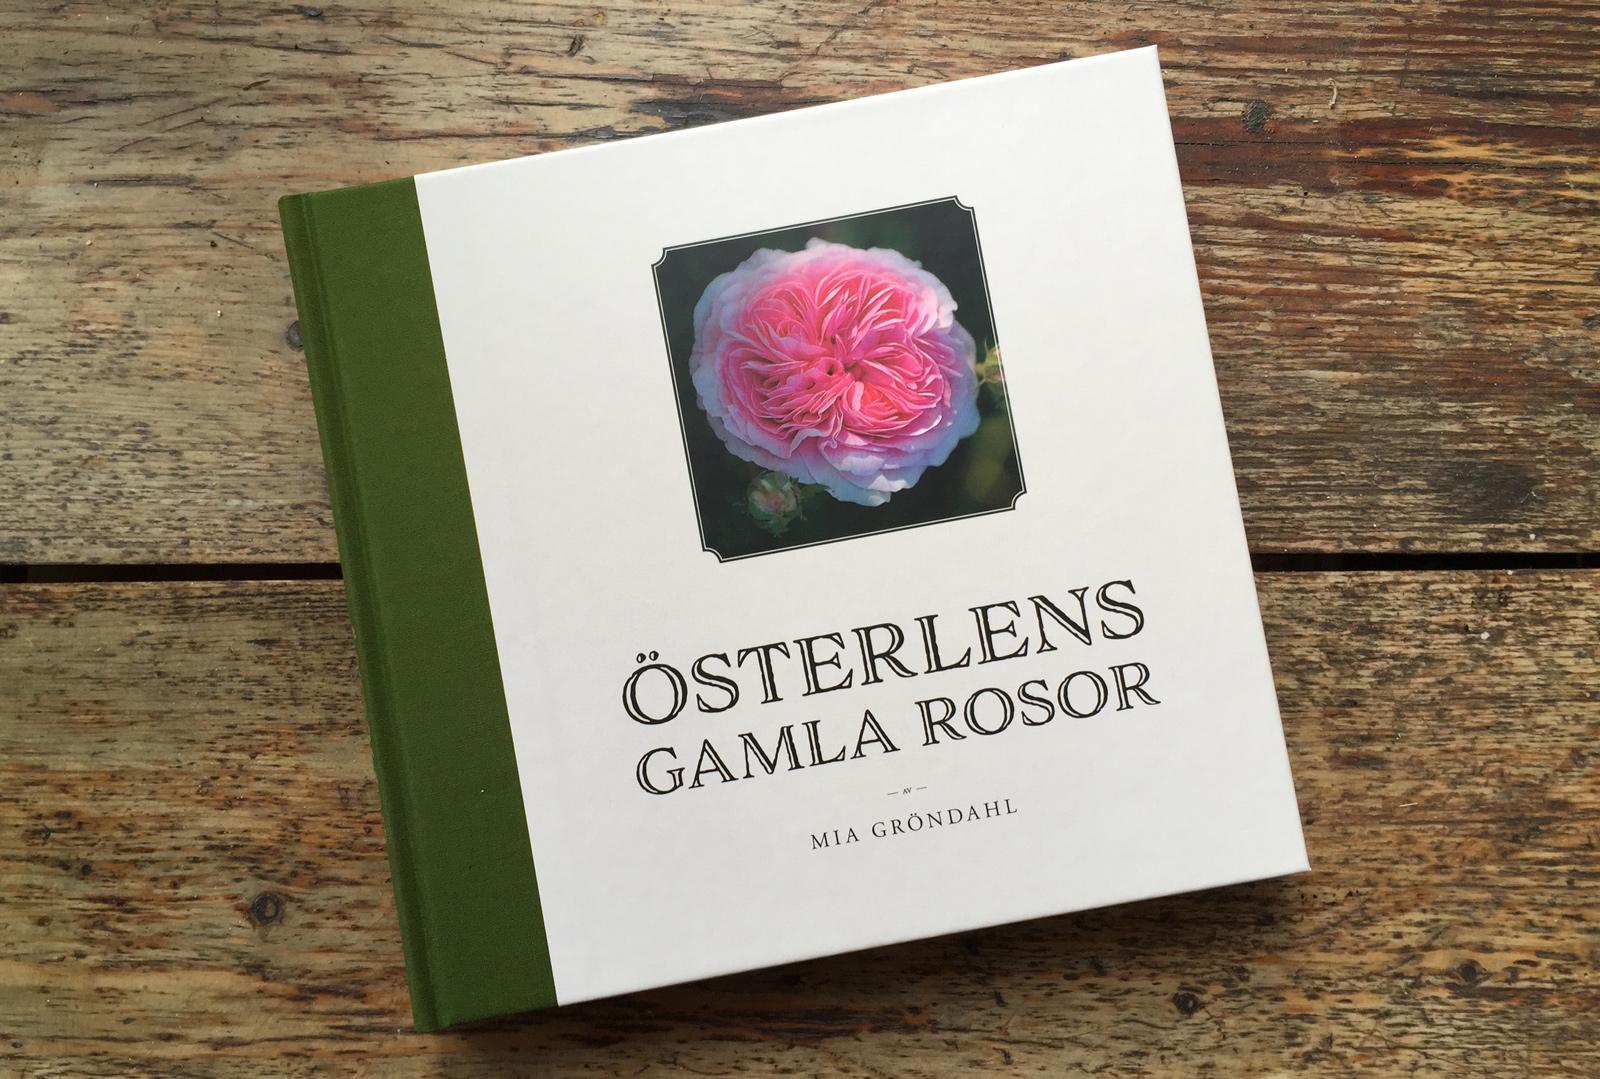 Österlens Gamla Rosor - av Mia Gröndahl Foto: Lars Rabe